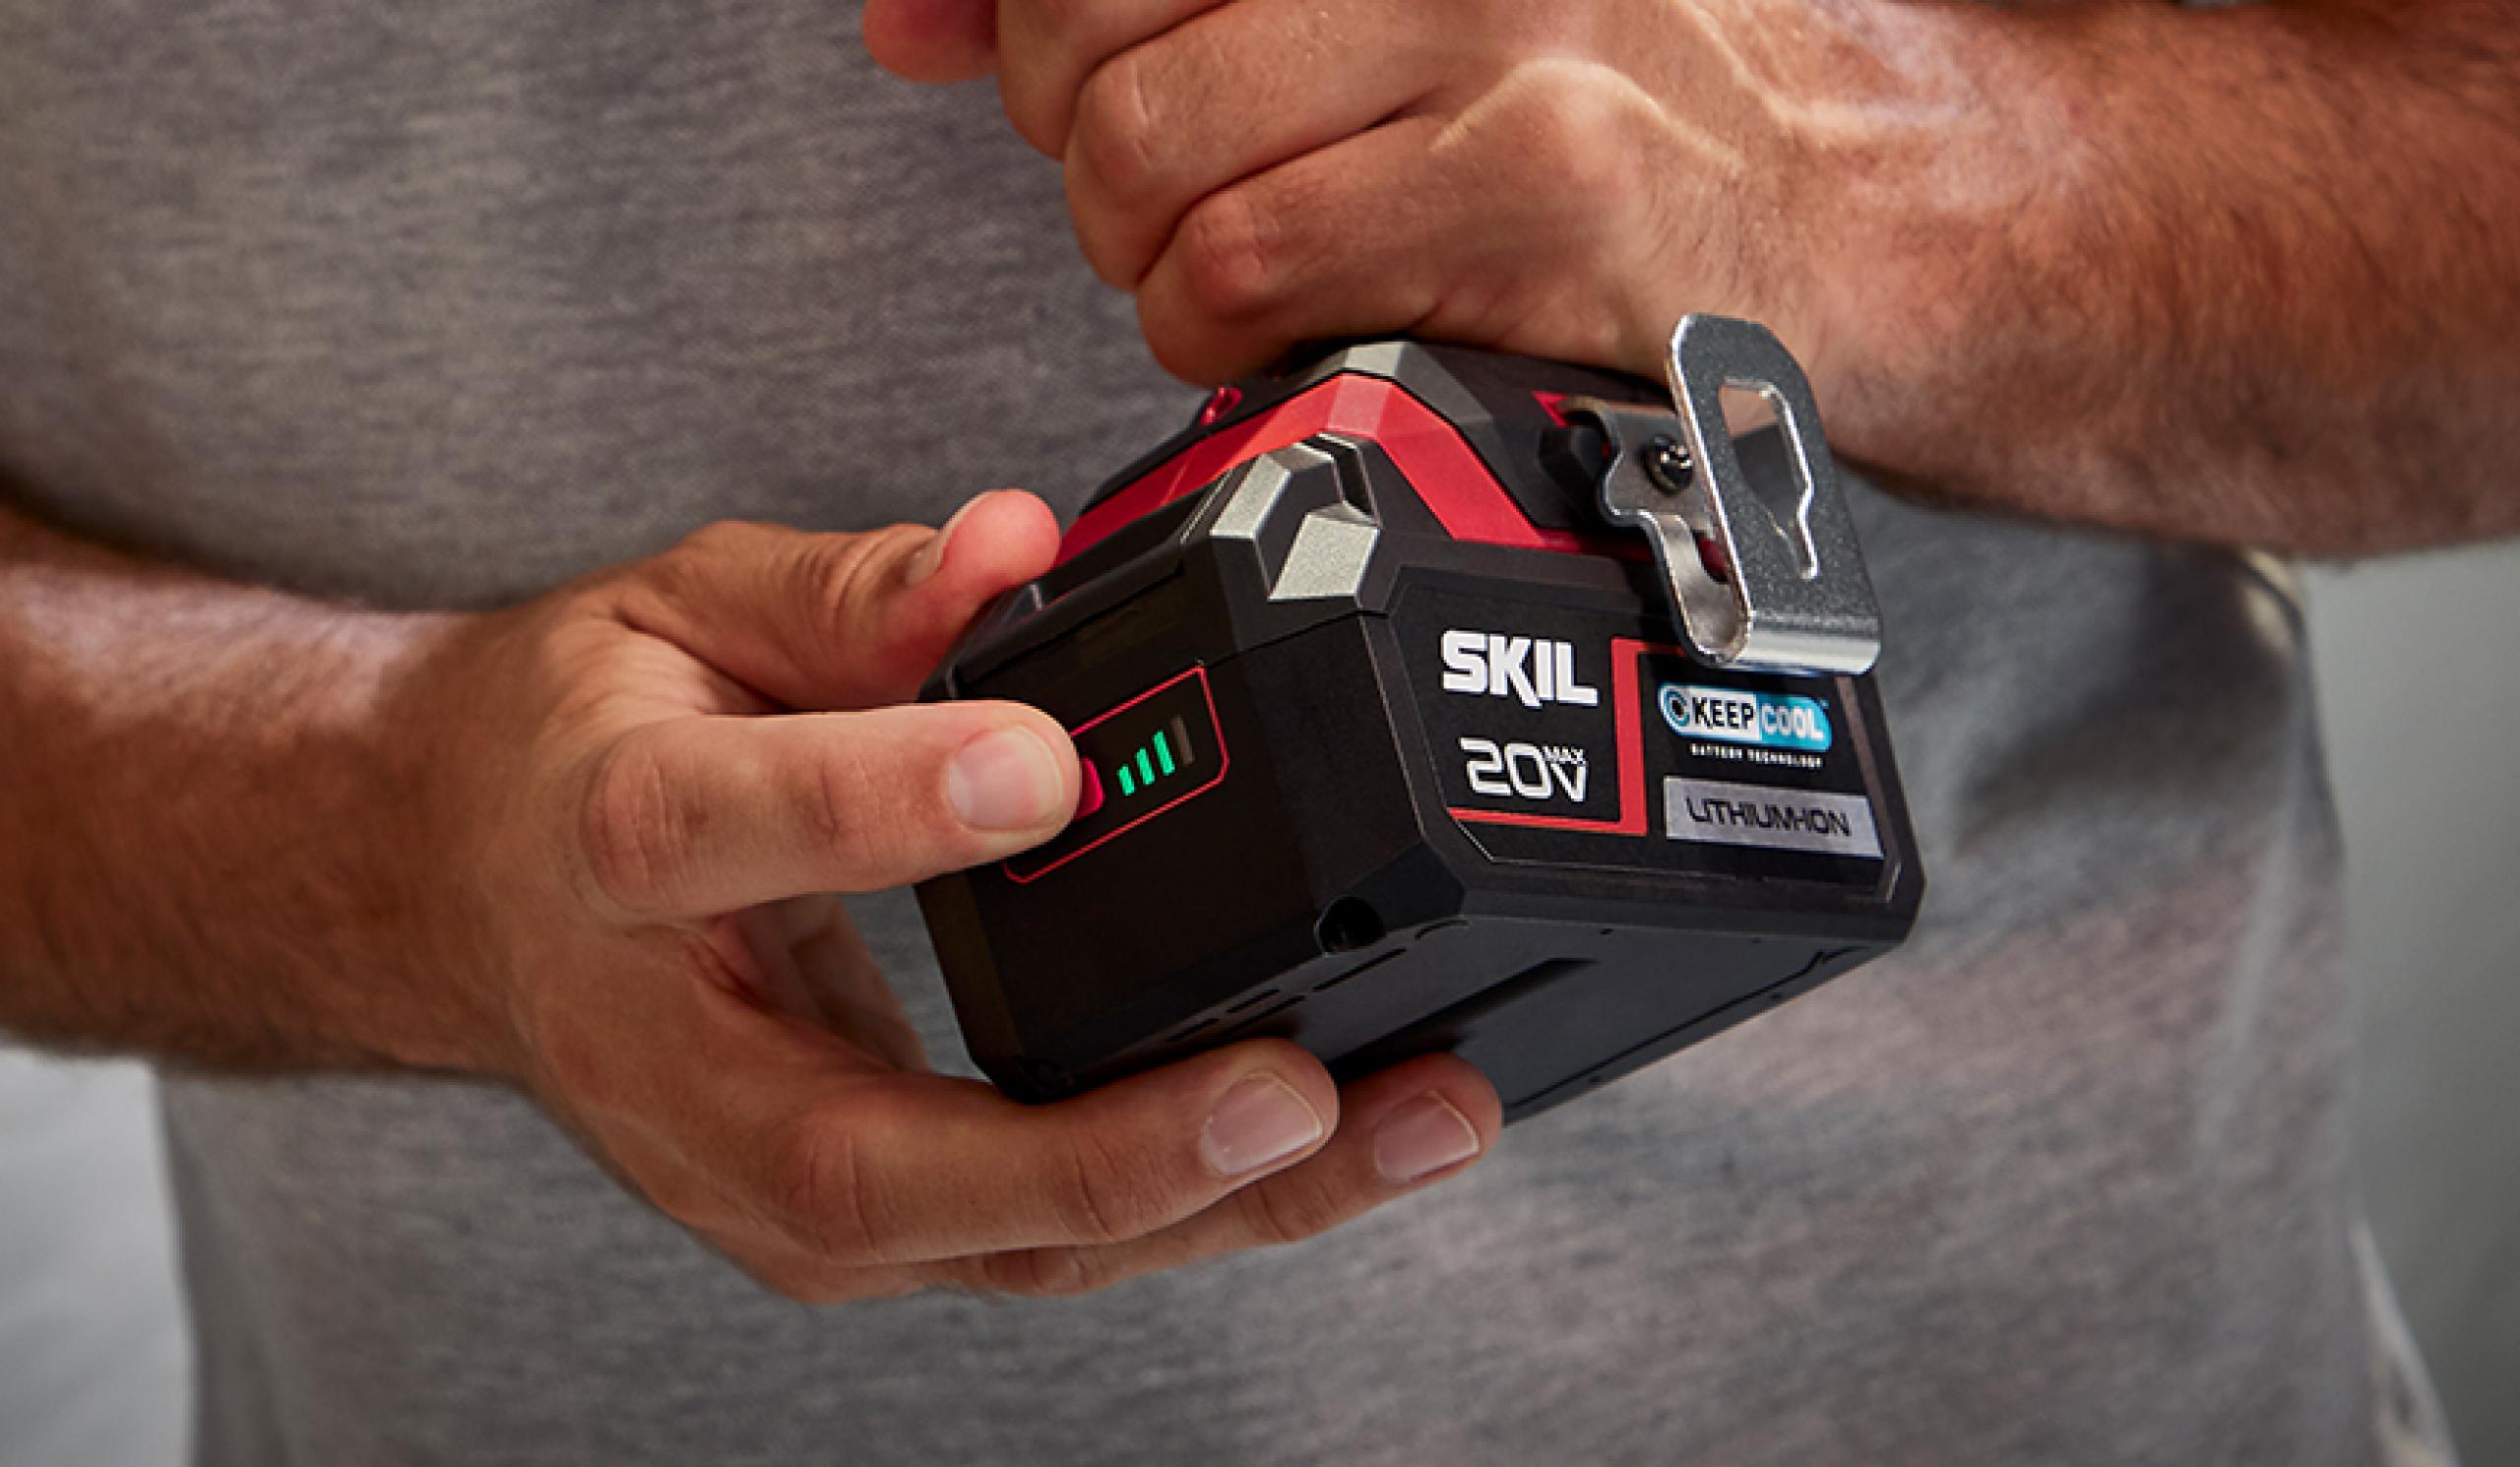 Szabadalmaztatott akkumulátorszint jelző: a megbízható jelző